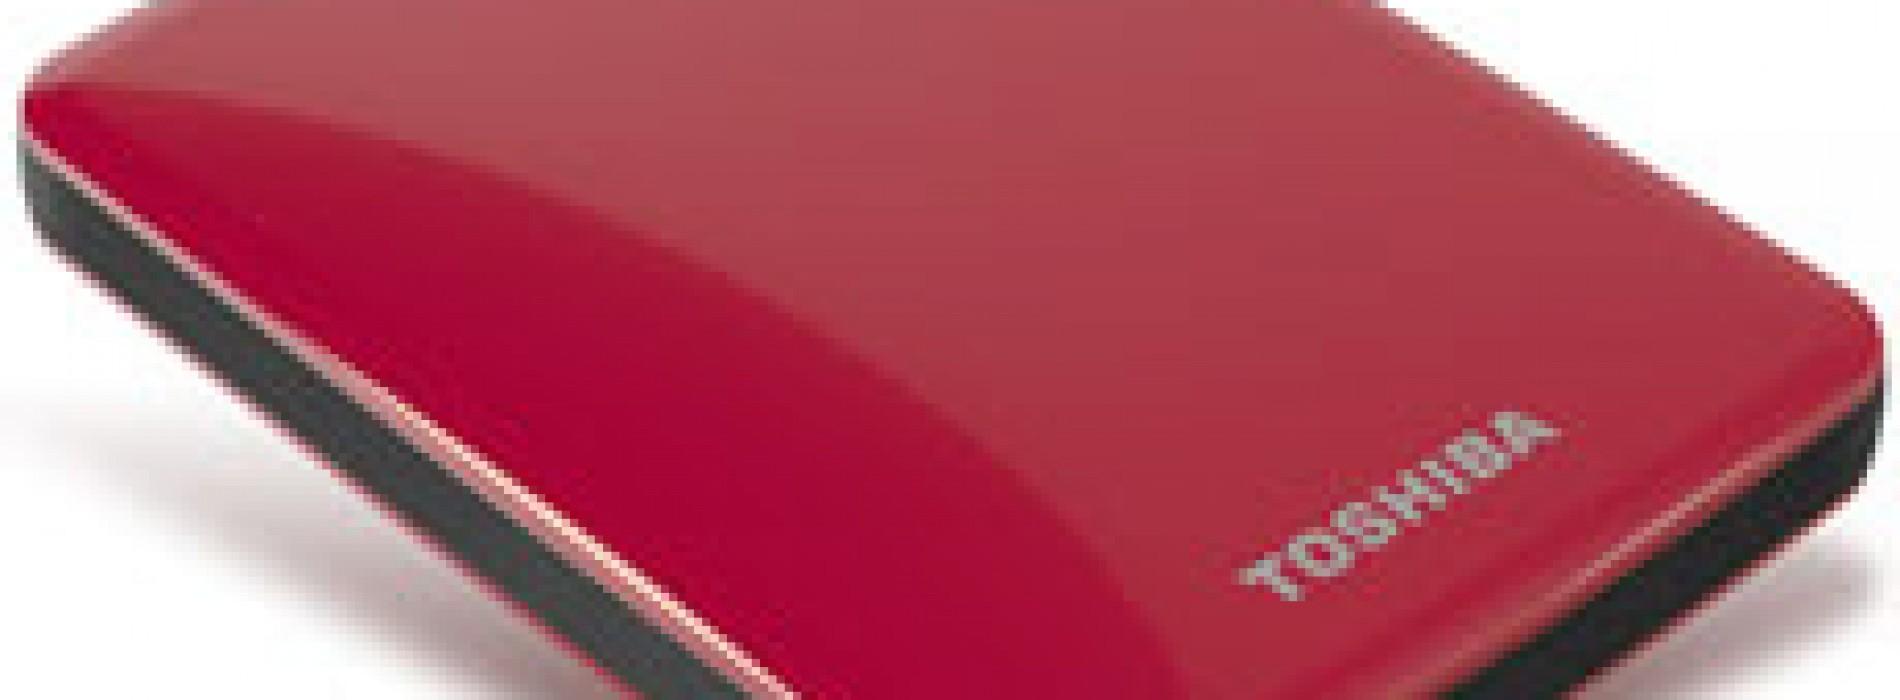 Disco duro portátil para respaldar archivos digitales desde cualquier lugar